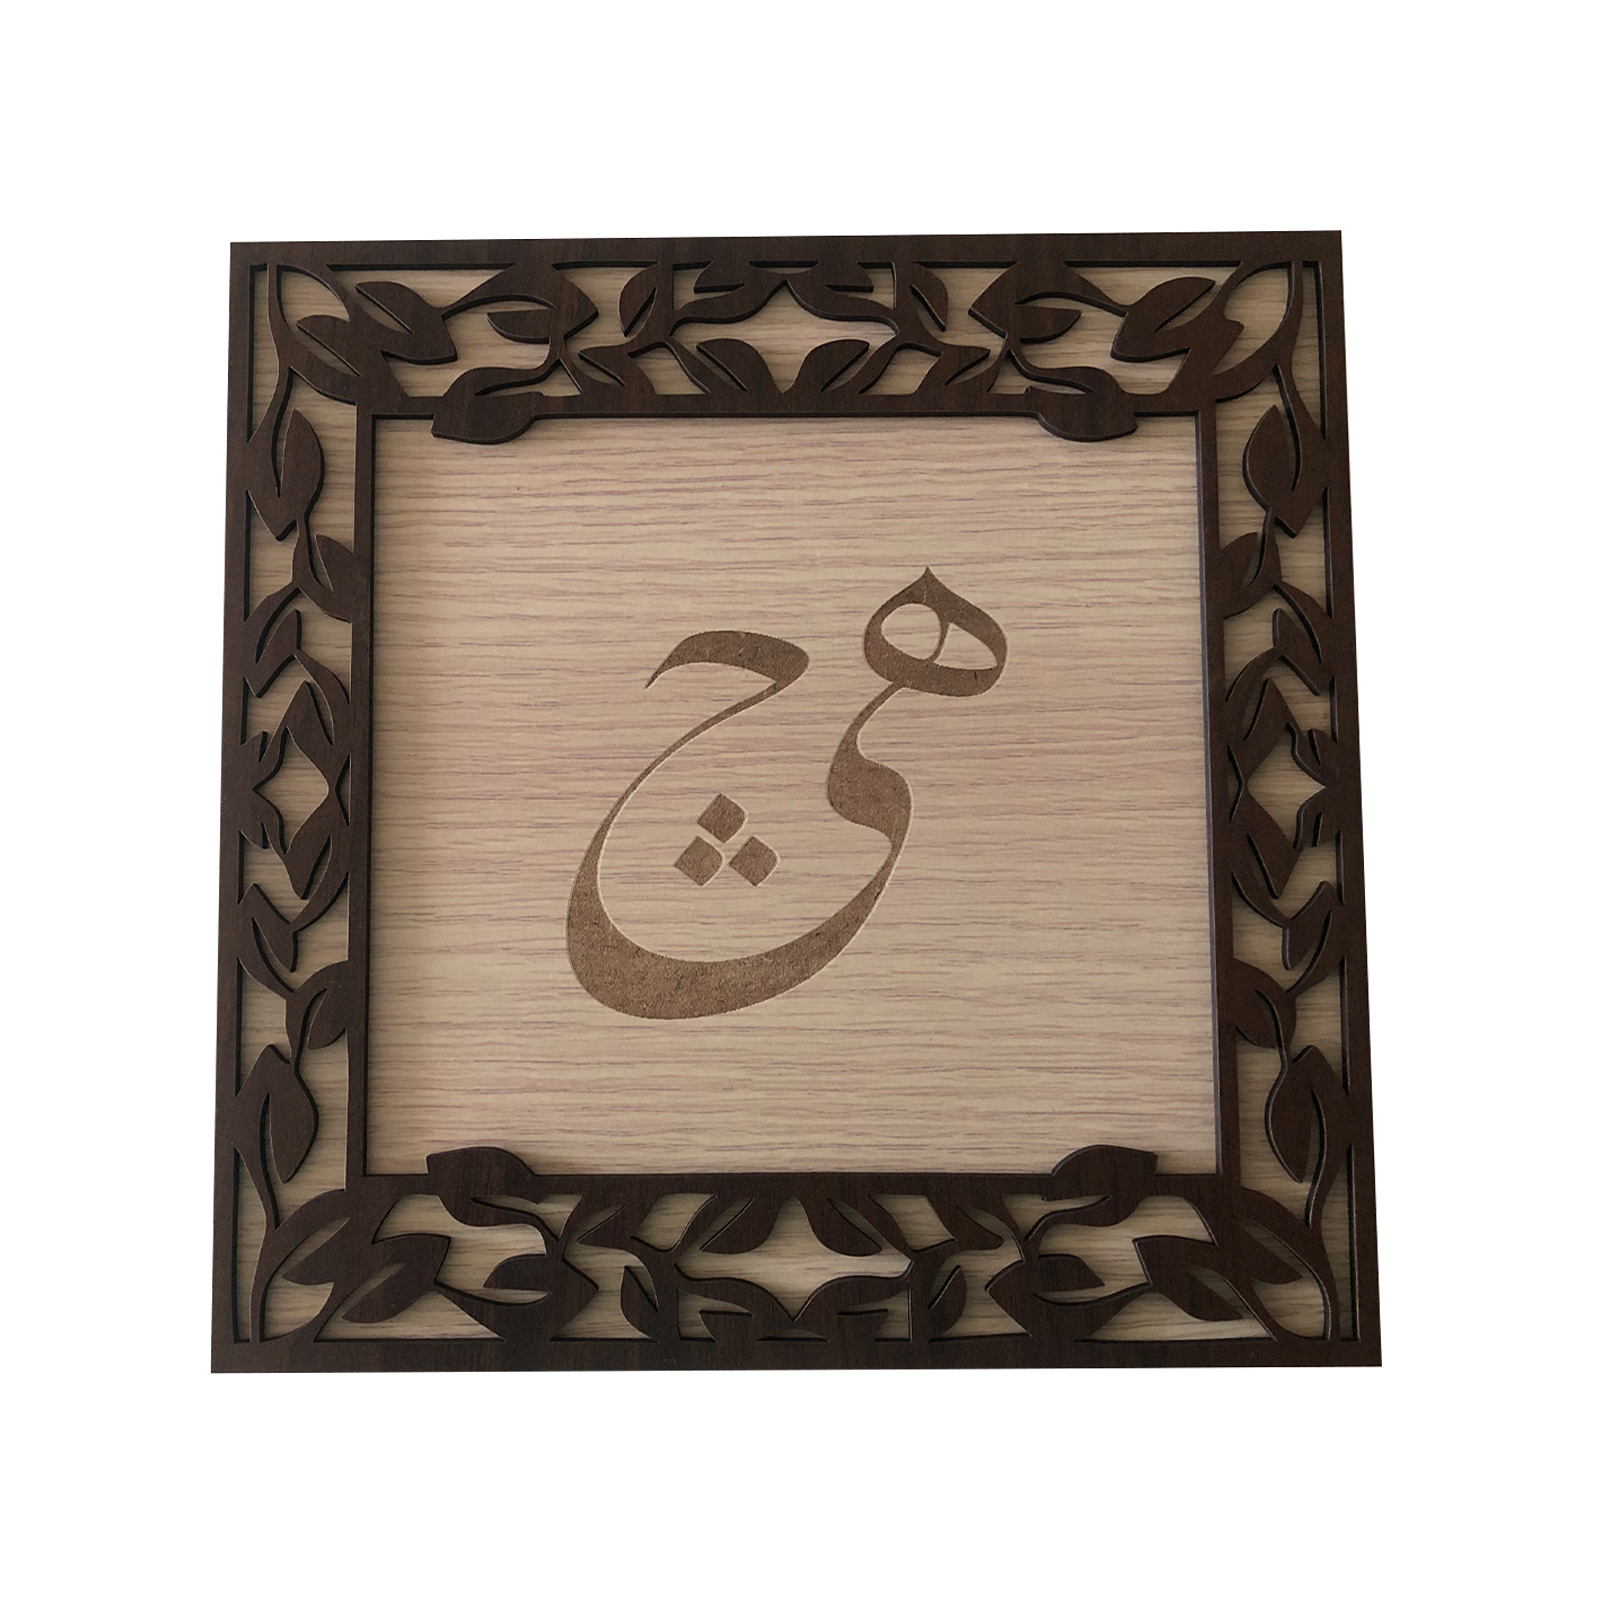 تابلو چوبی طرح هیچ مدل مولانا کد ta10